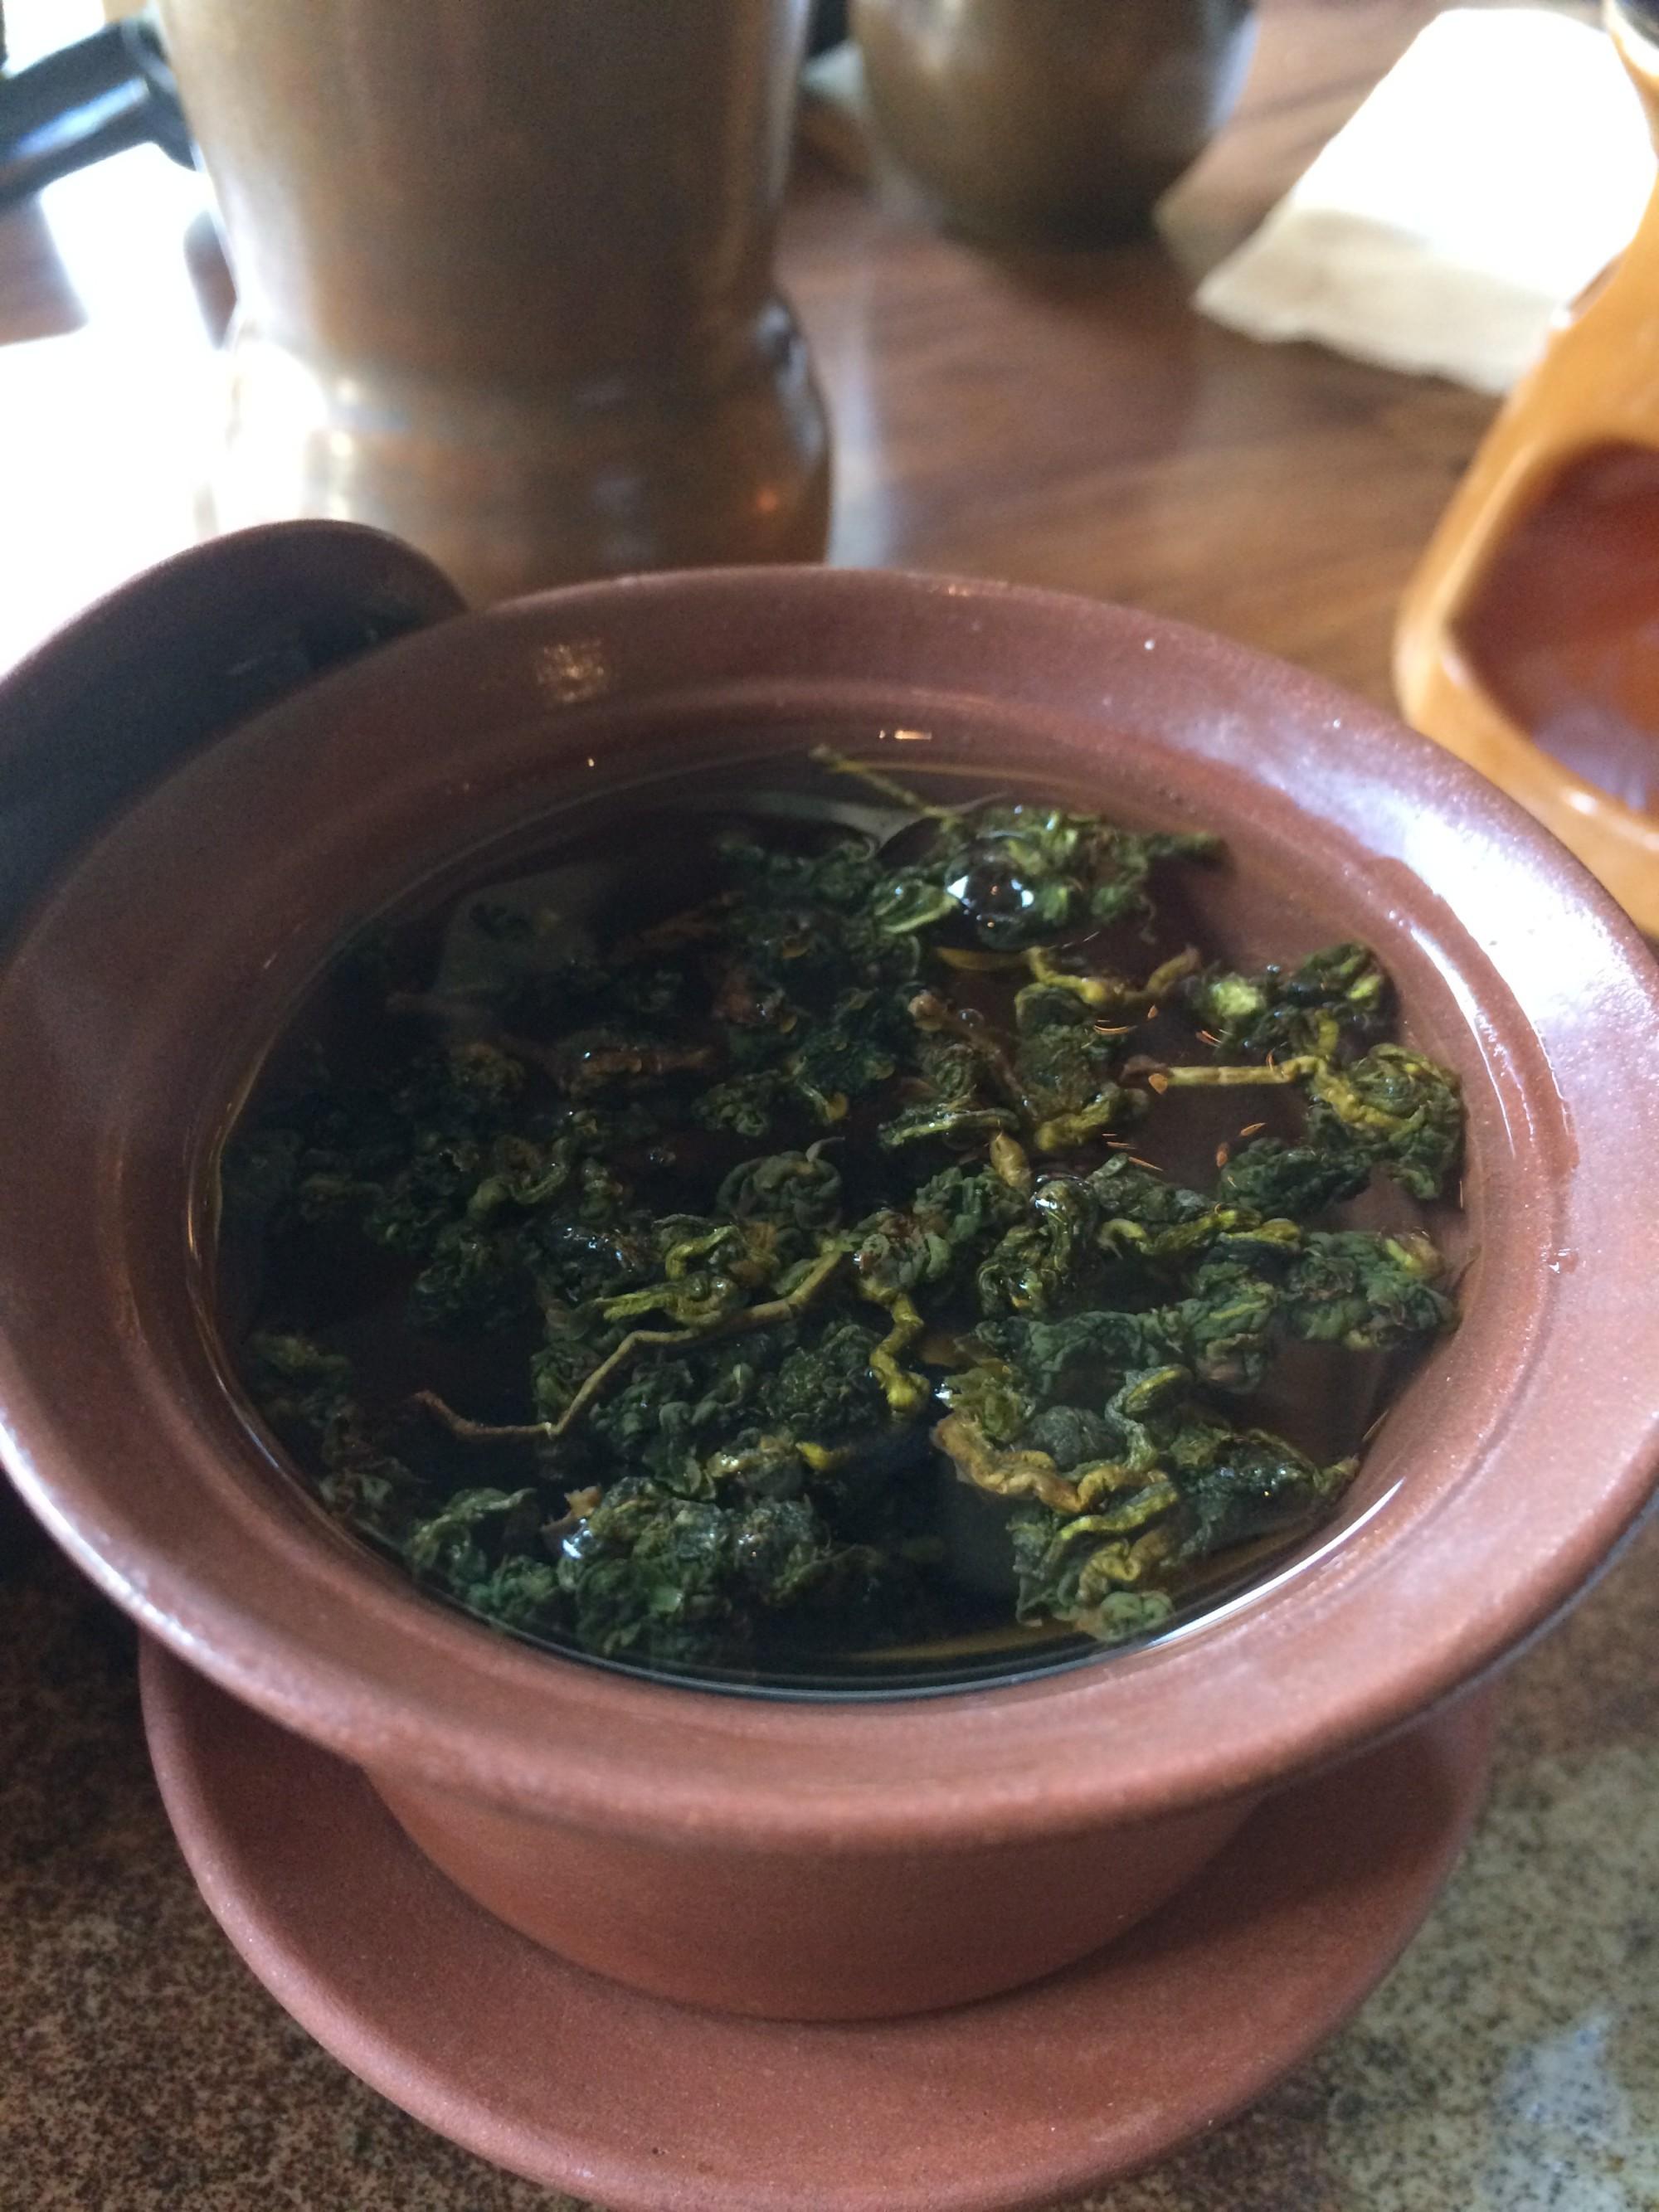 Gaiwan of oolong tea